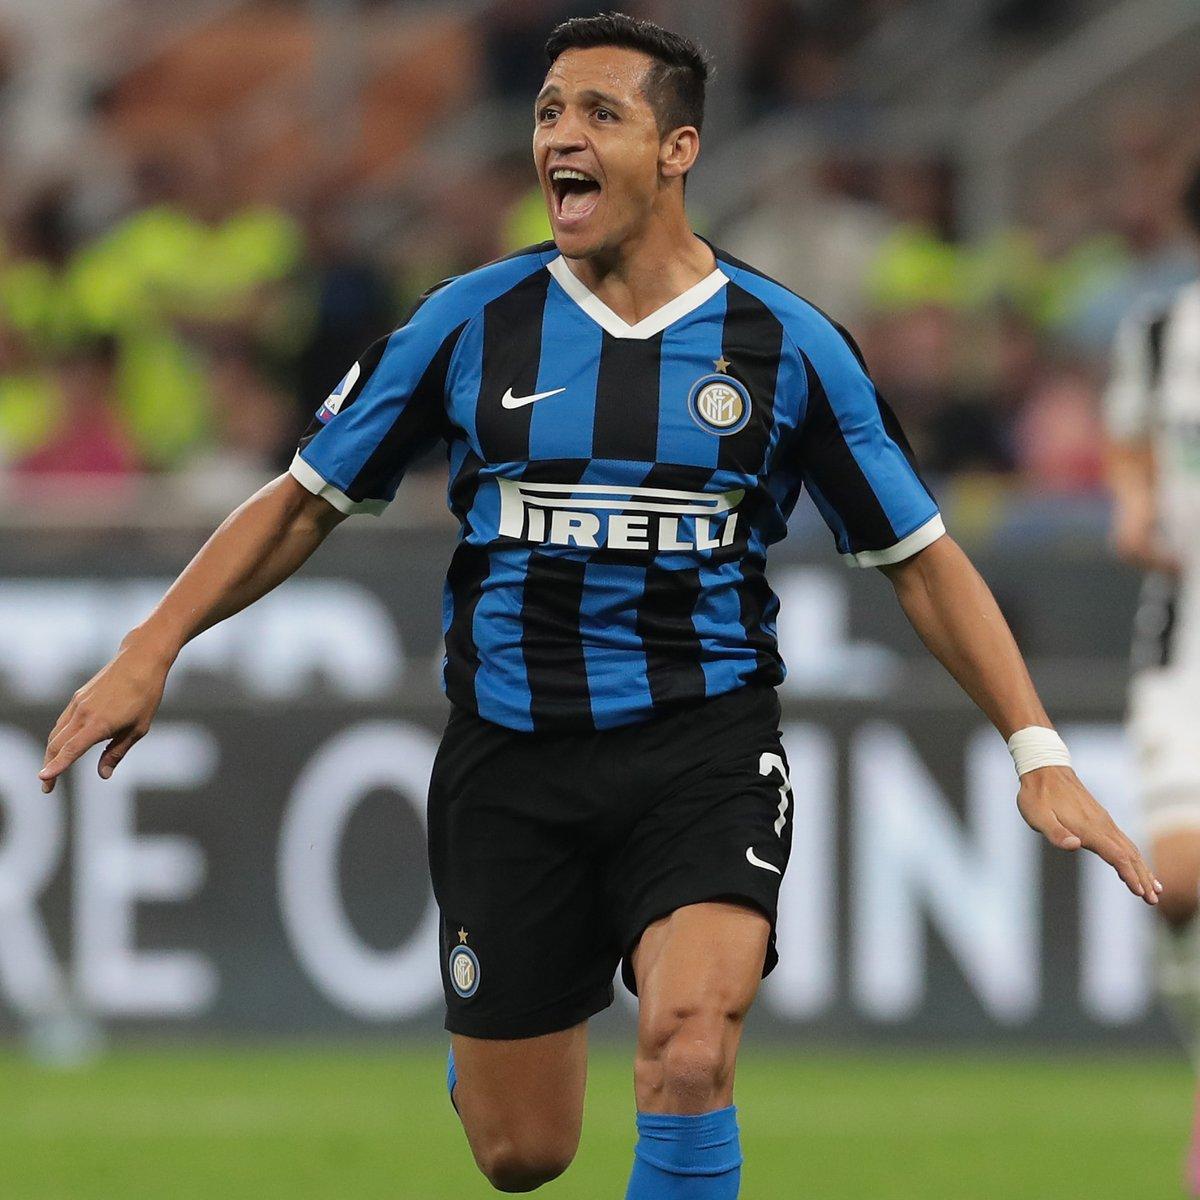 Inter quer contratar Alexis Sanchez em definitivo e pretende pagar €20m ao United por ele, segundo o Goal.